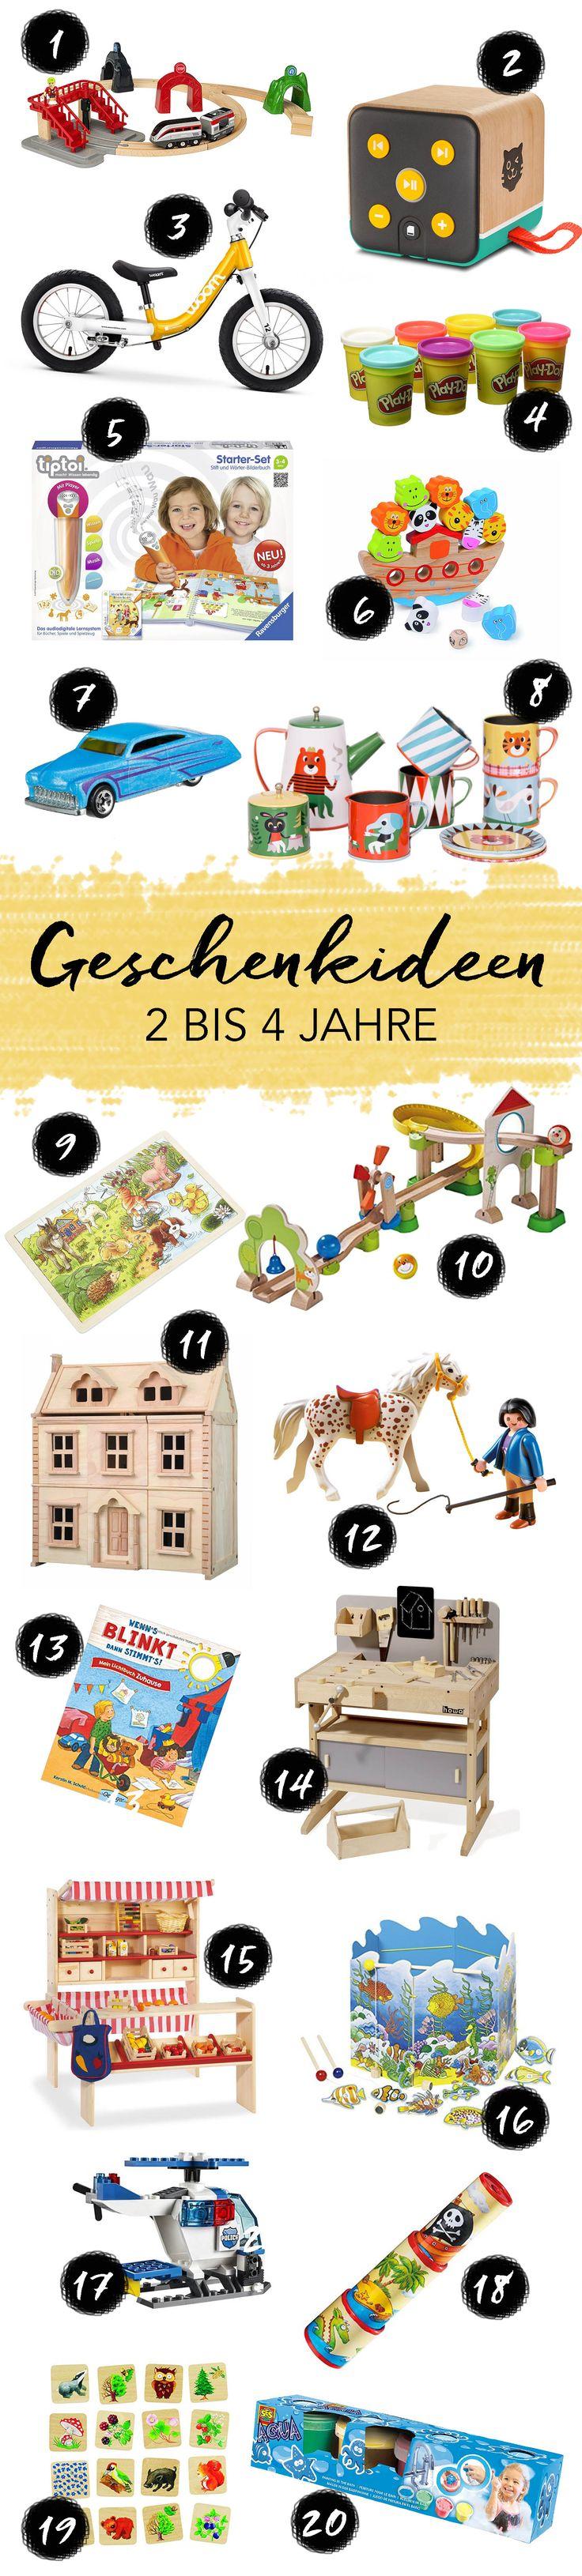 Geschenkideen für Kinder im Alter von 2 bis 3 Jahren | Geburtstag, Weihnachten & Ostern